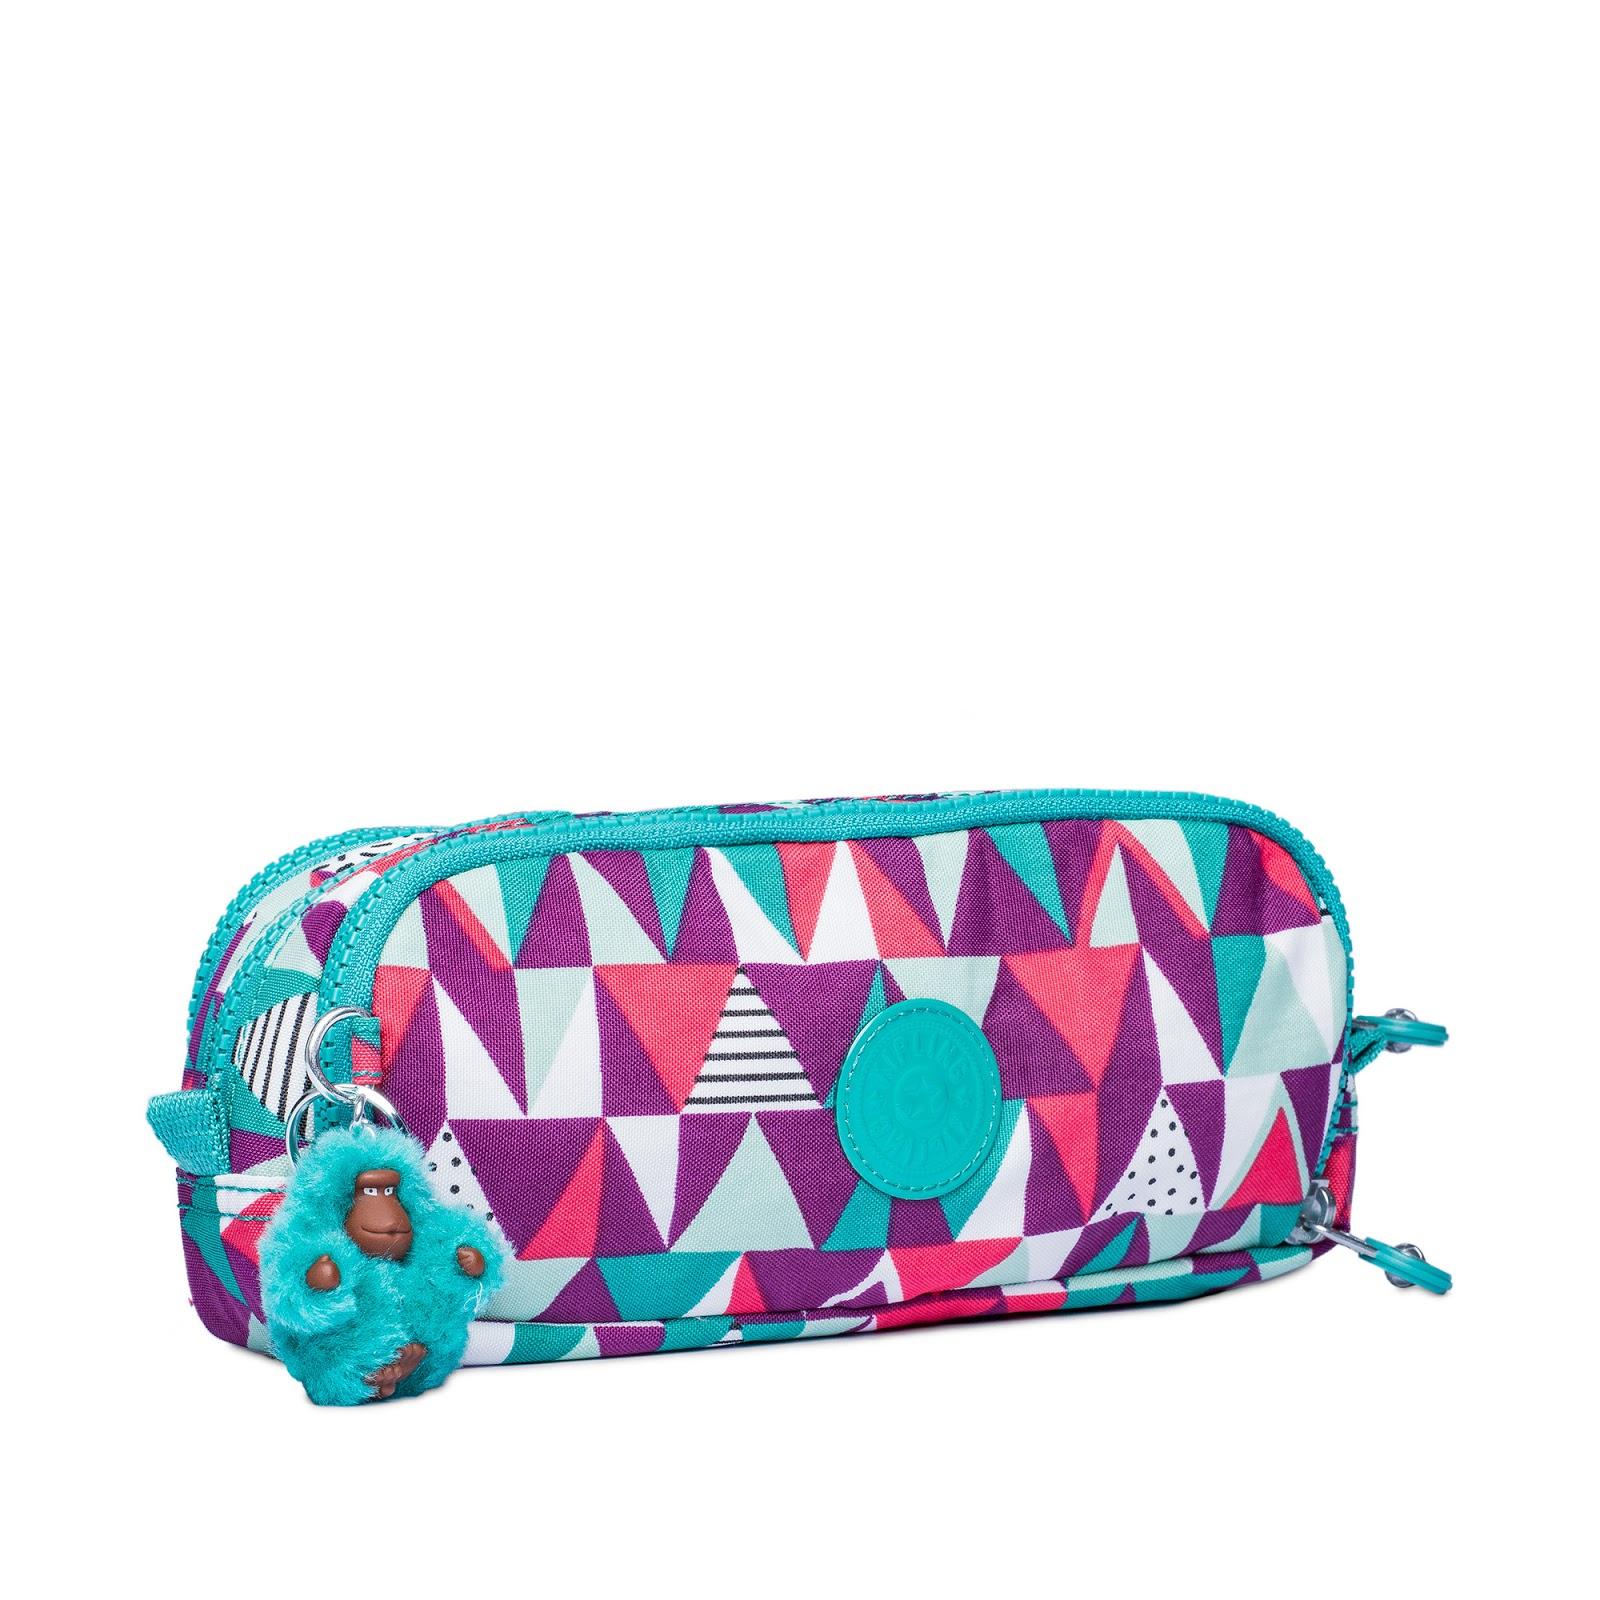 b60dfb766 Todos os itens das linhas Festive Camo e Vibrant Deco já estão disponíveis  nas lojas físicas e no e-commerce da marca. (www.kipling.com.br)